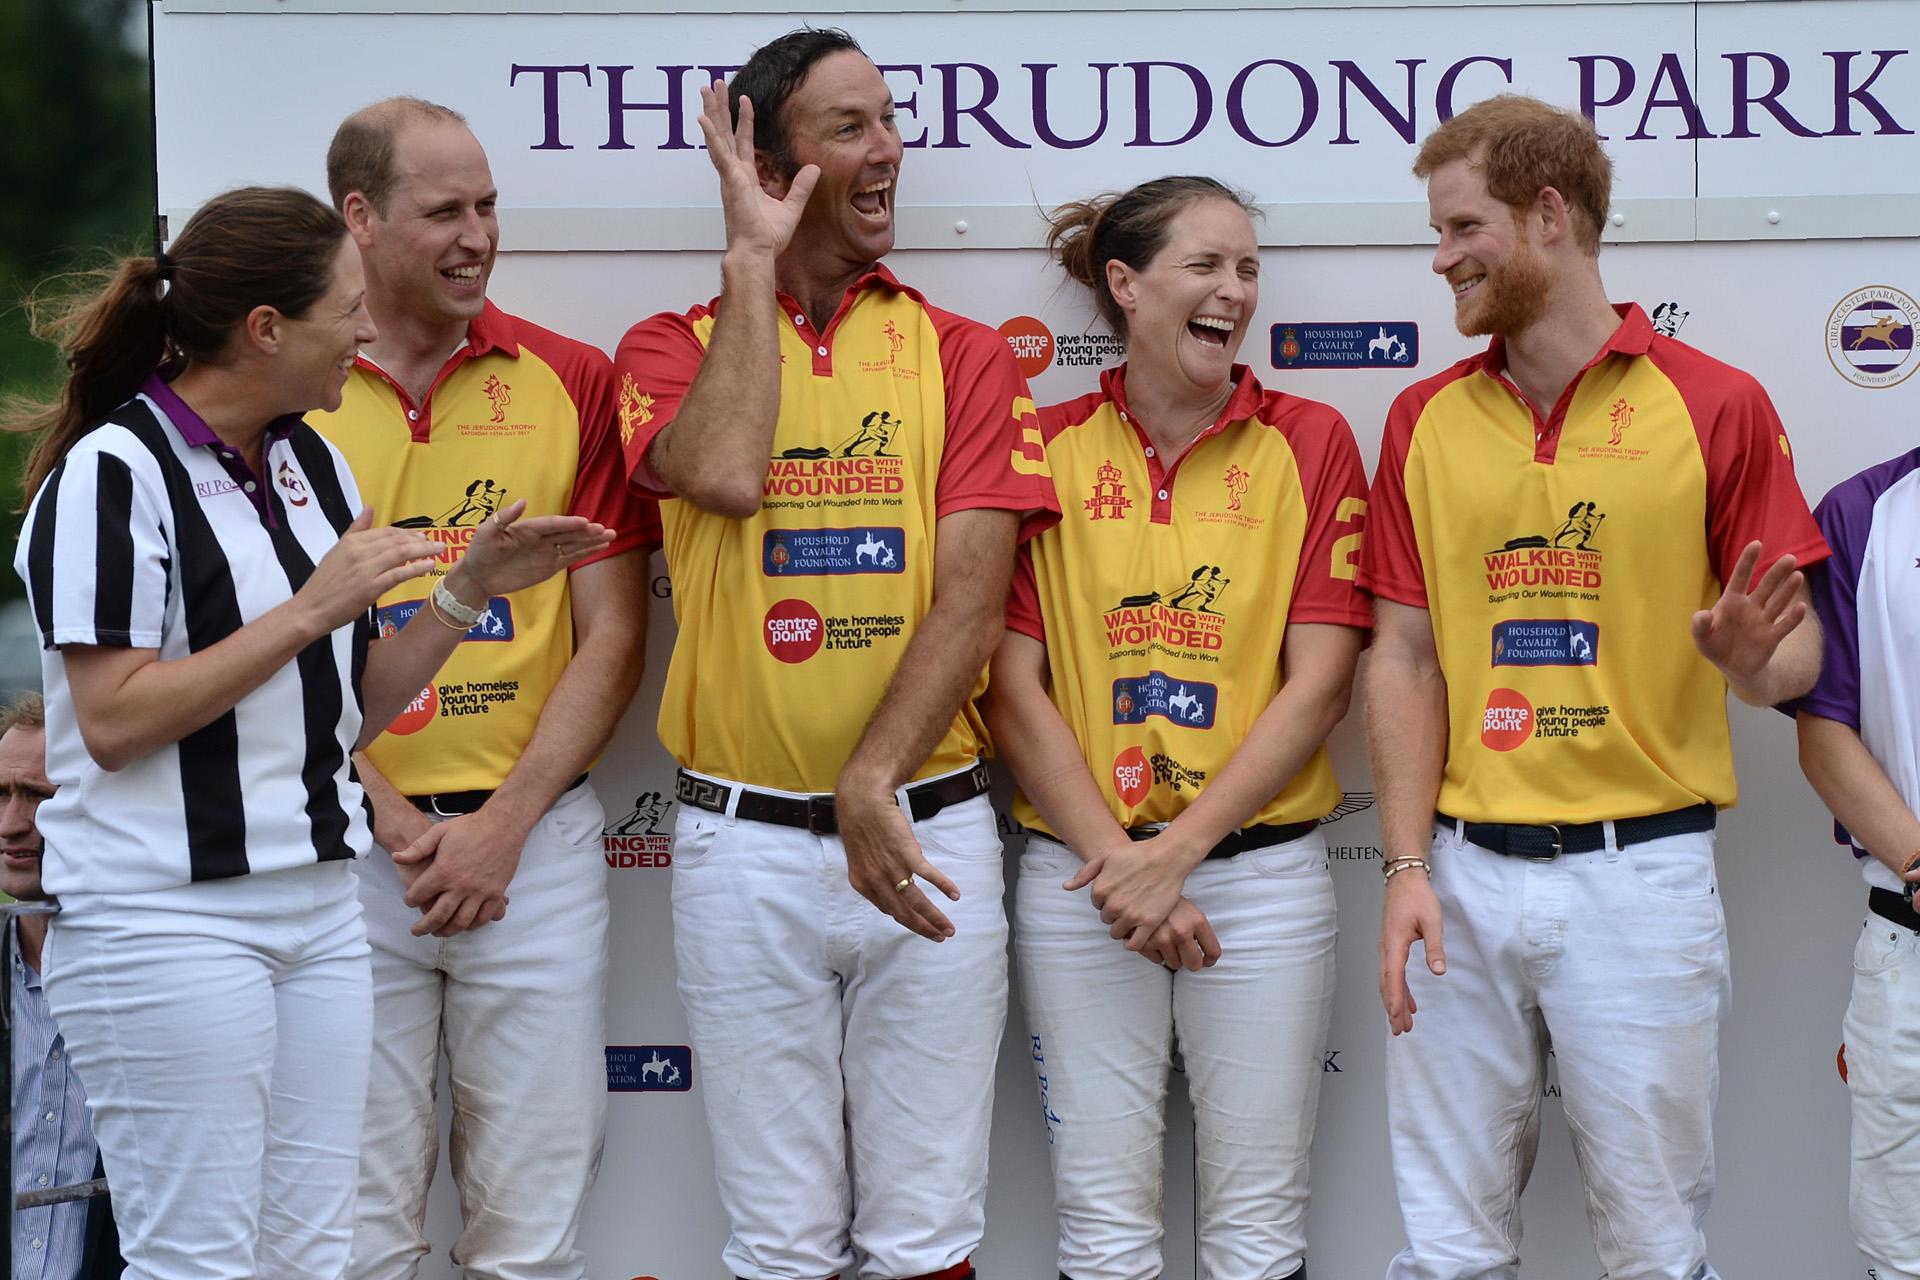 Una vez más, los príncipes William y Harry compartieron su pasión por el polo, un deporte en el que ambos se destacan